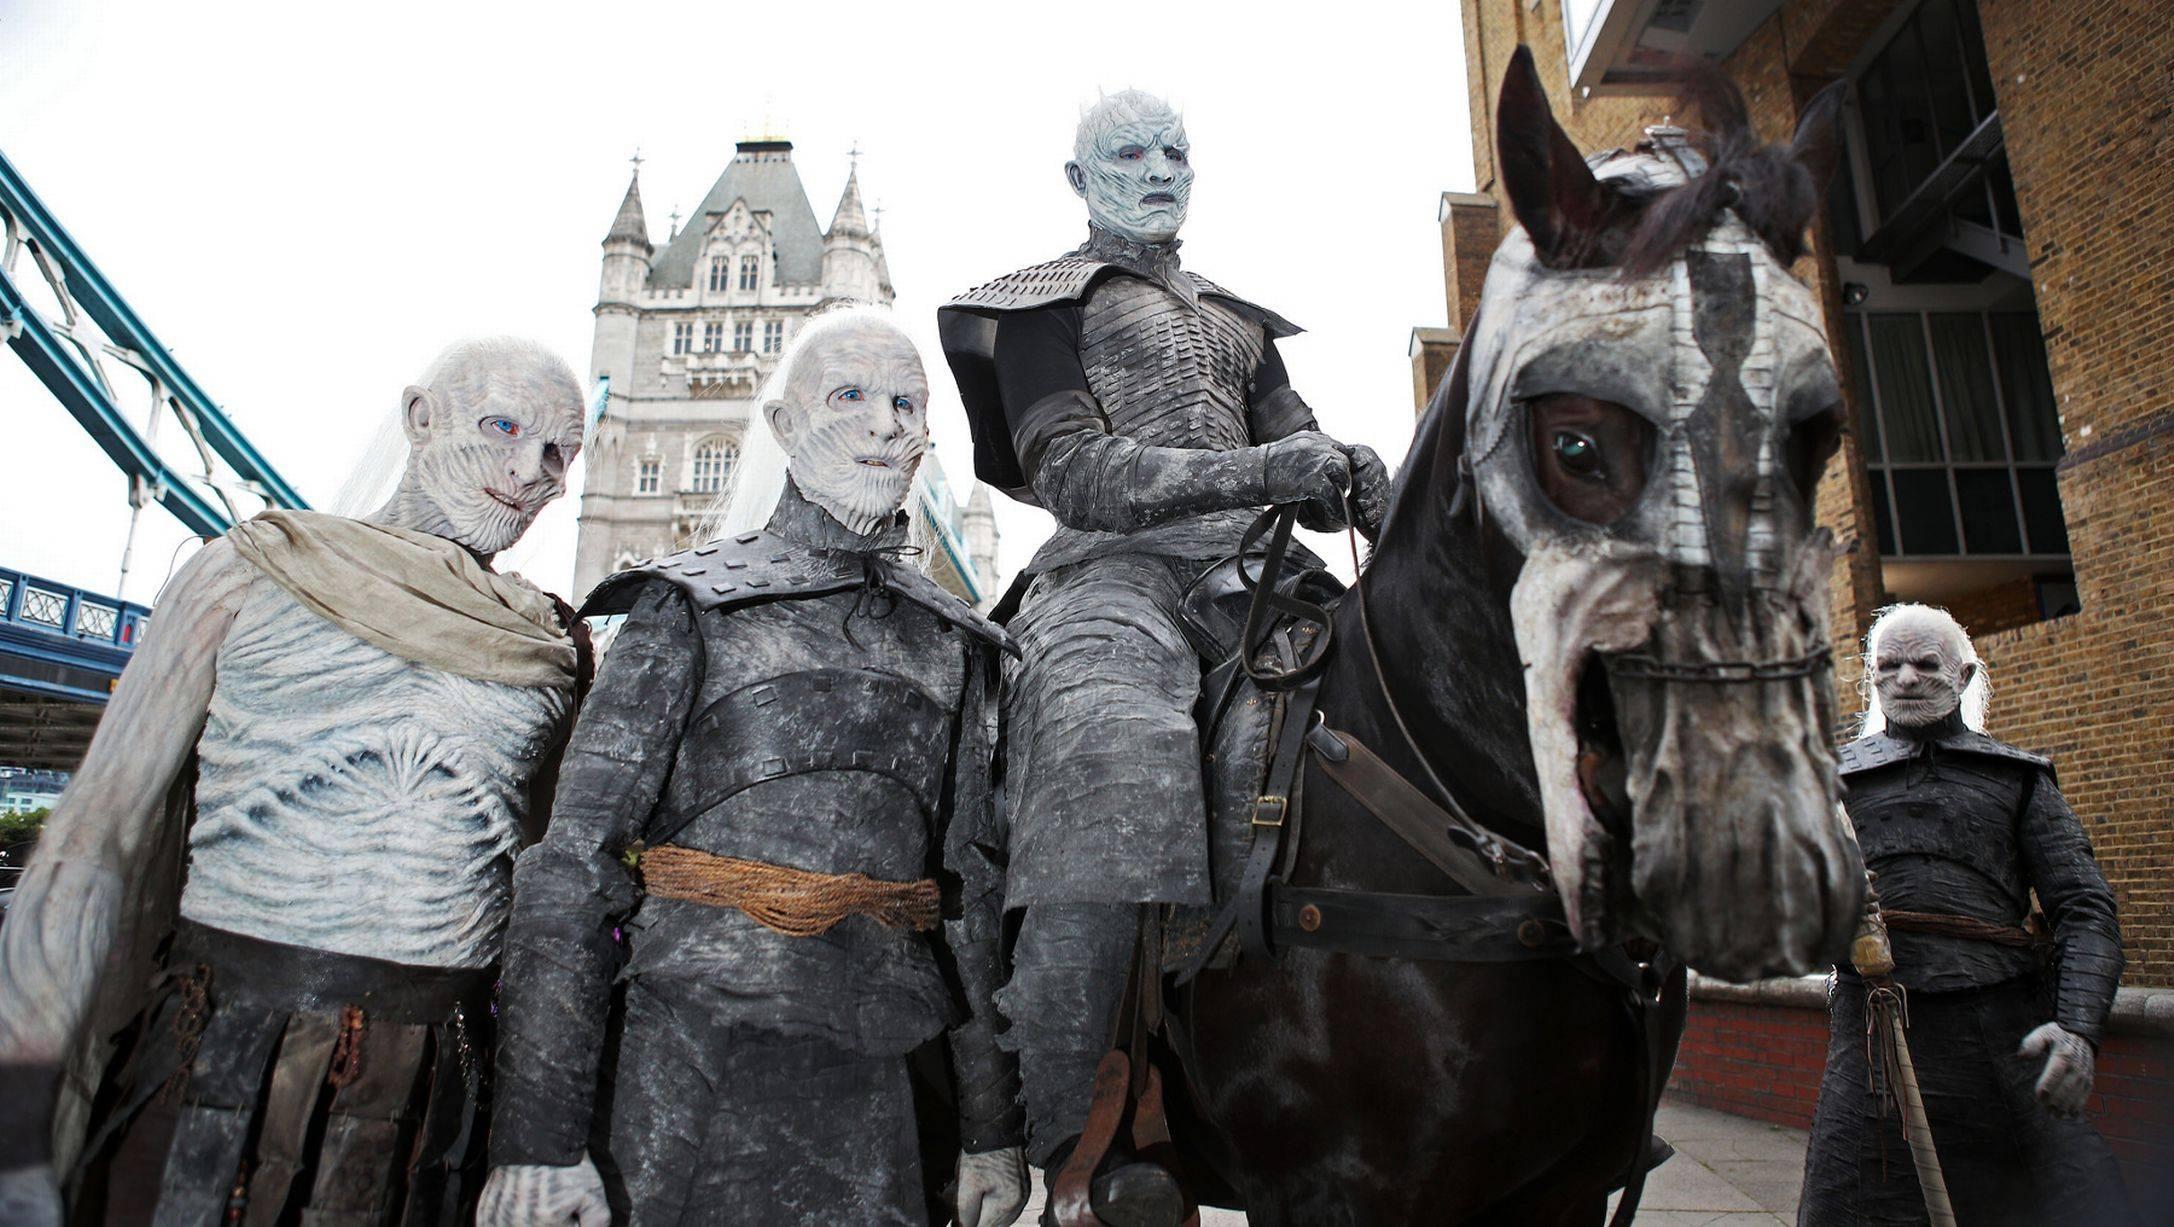 Фото: Белые ходоки из «Игры престолов» прошлись по Лондону 5